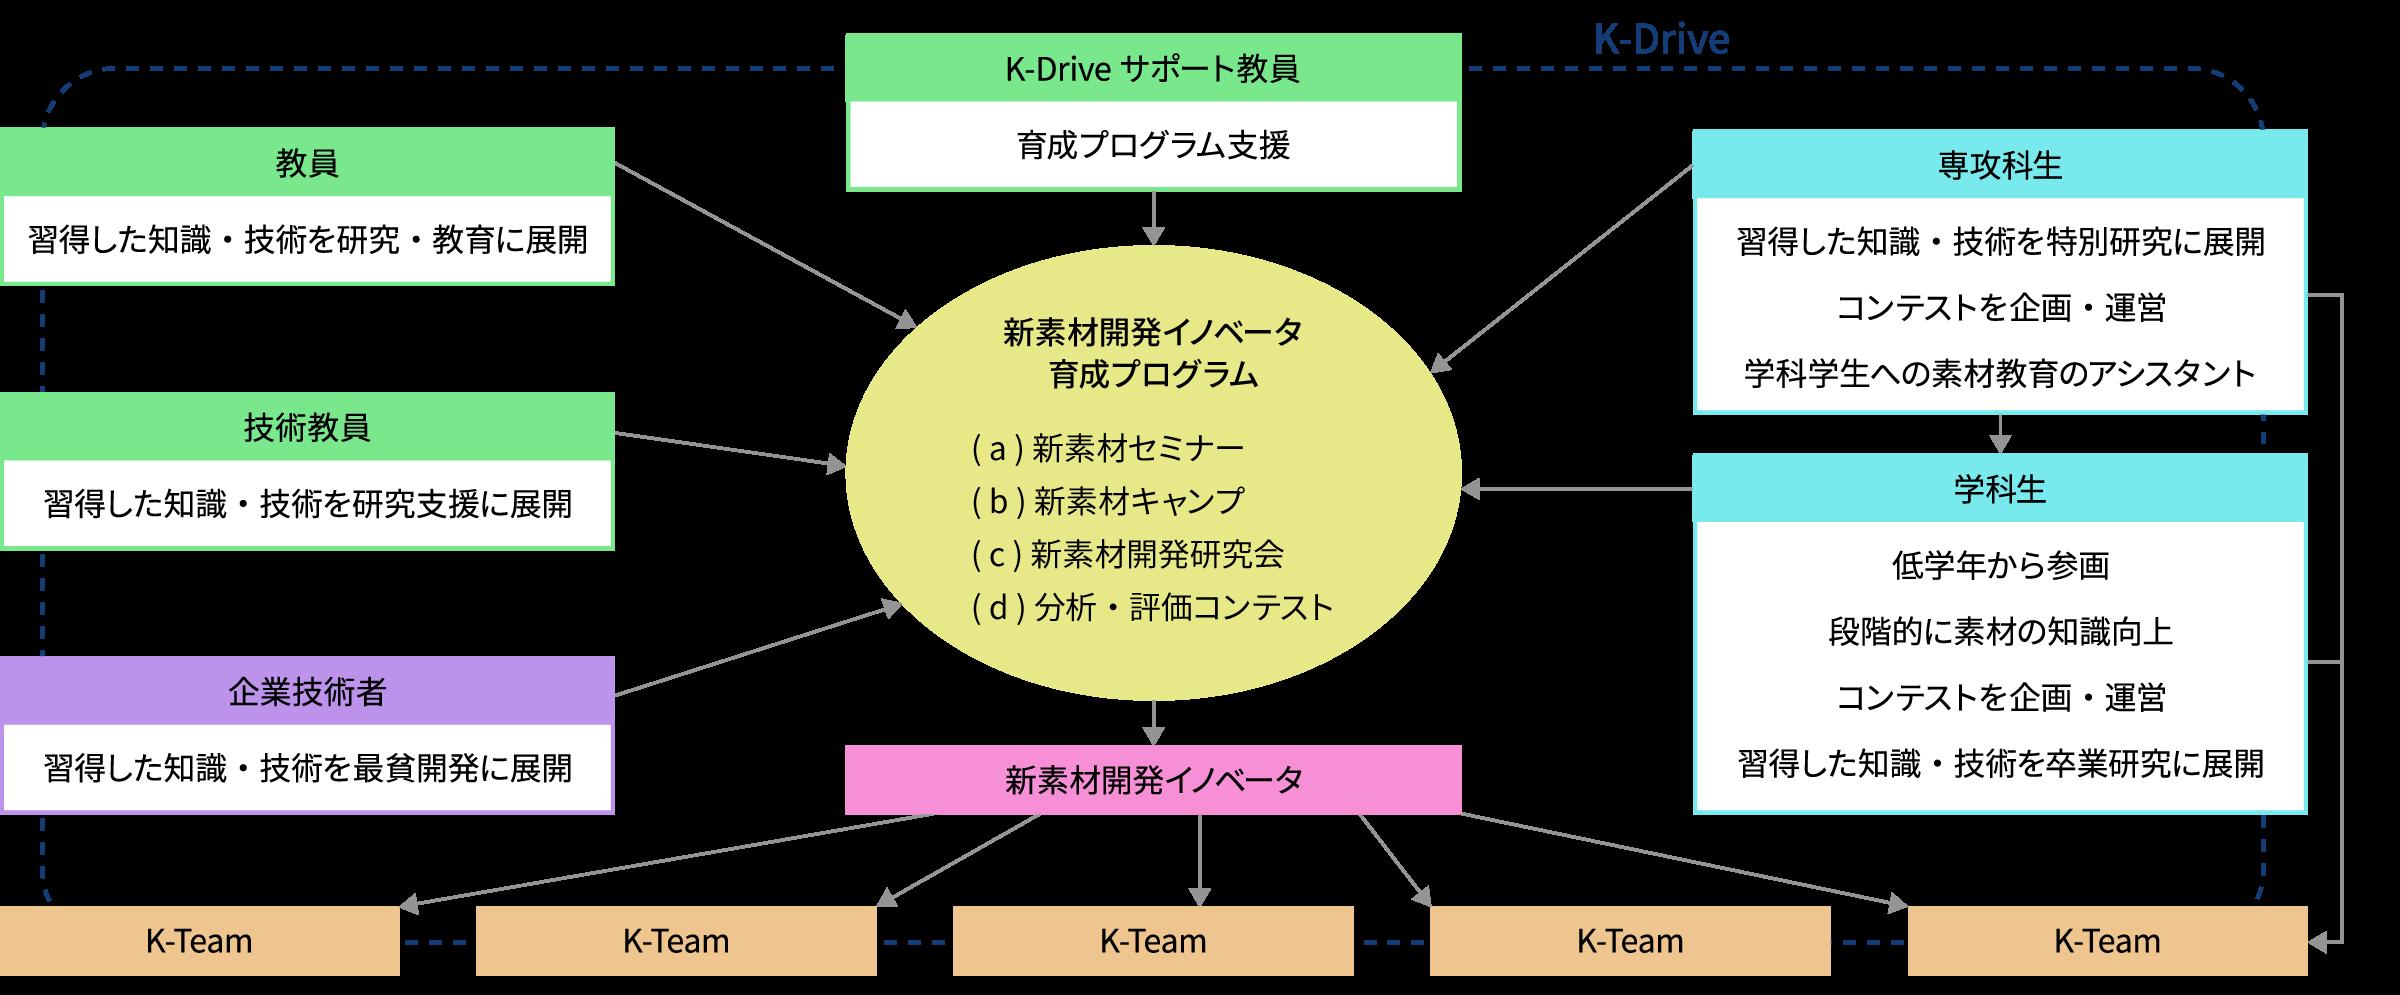 事業の実施内容3